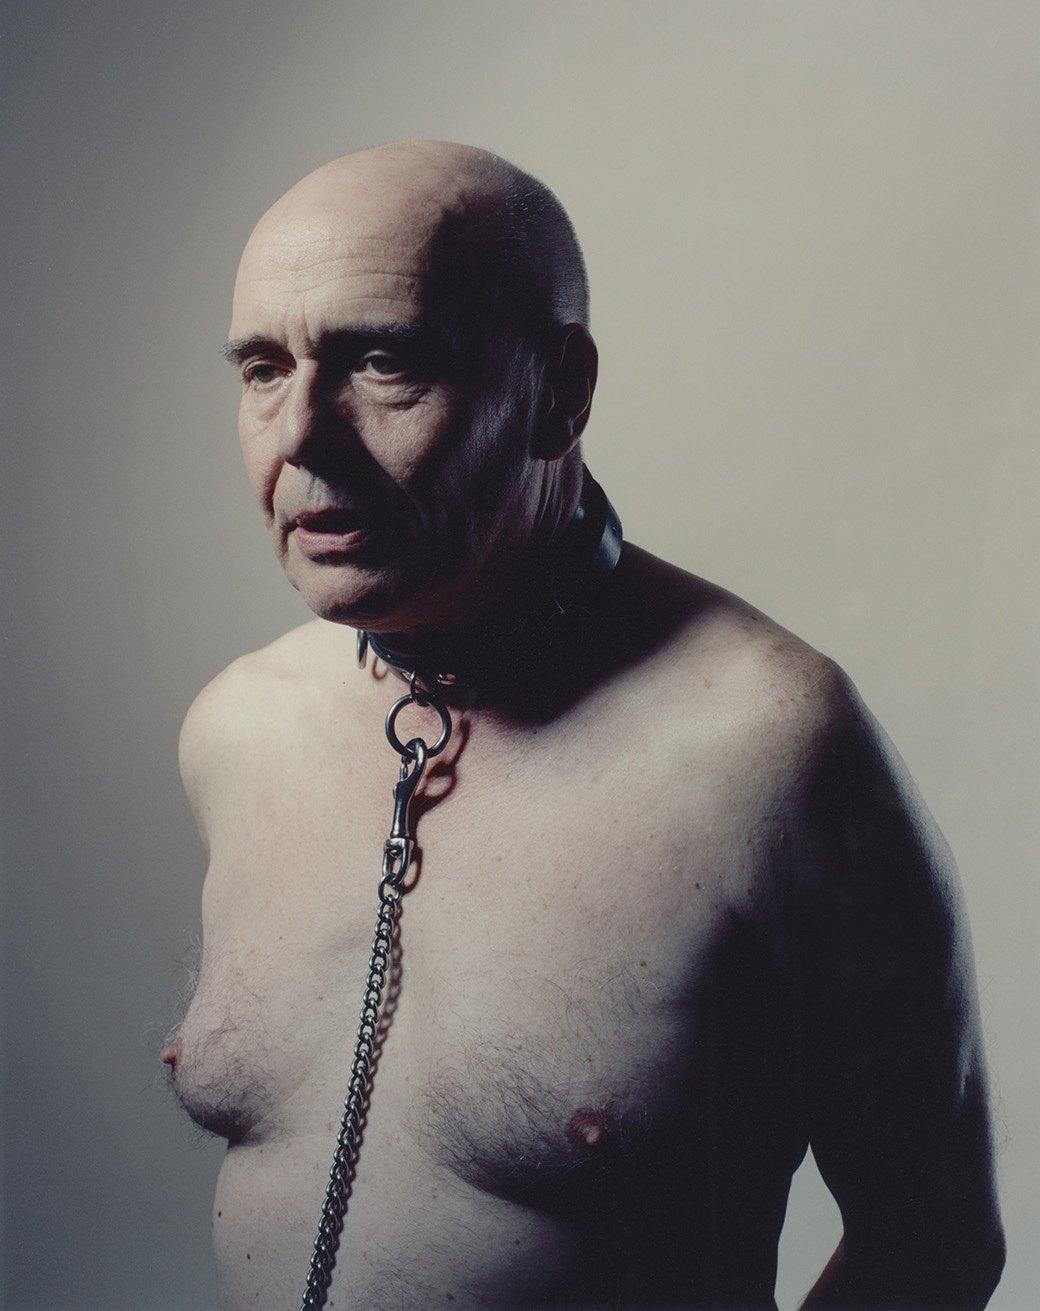 Моя госпожа: Фотограф Кейт Питерс исследует вопросы доминирования женщин в сексе. Изображение № 8.